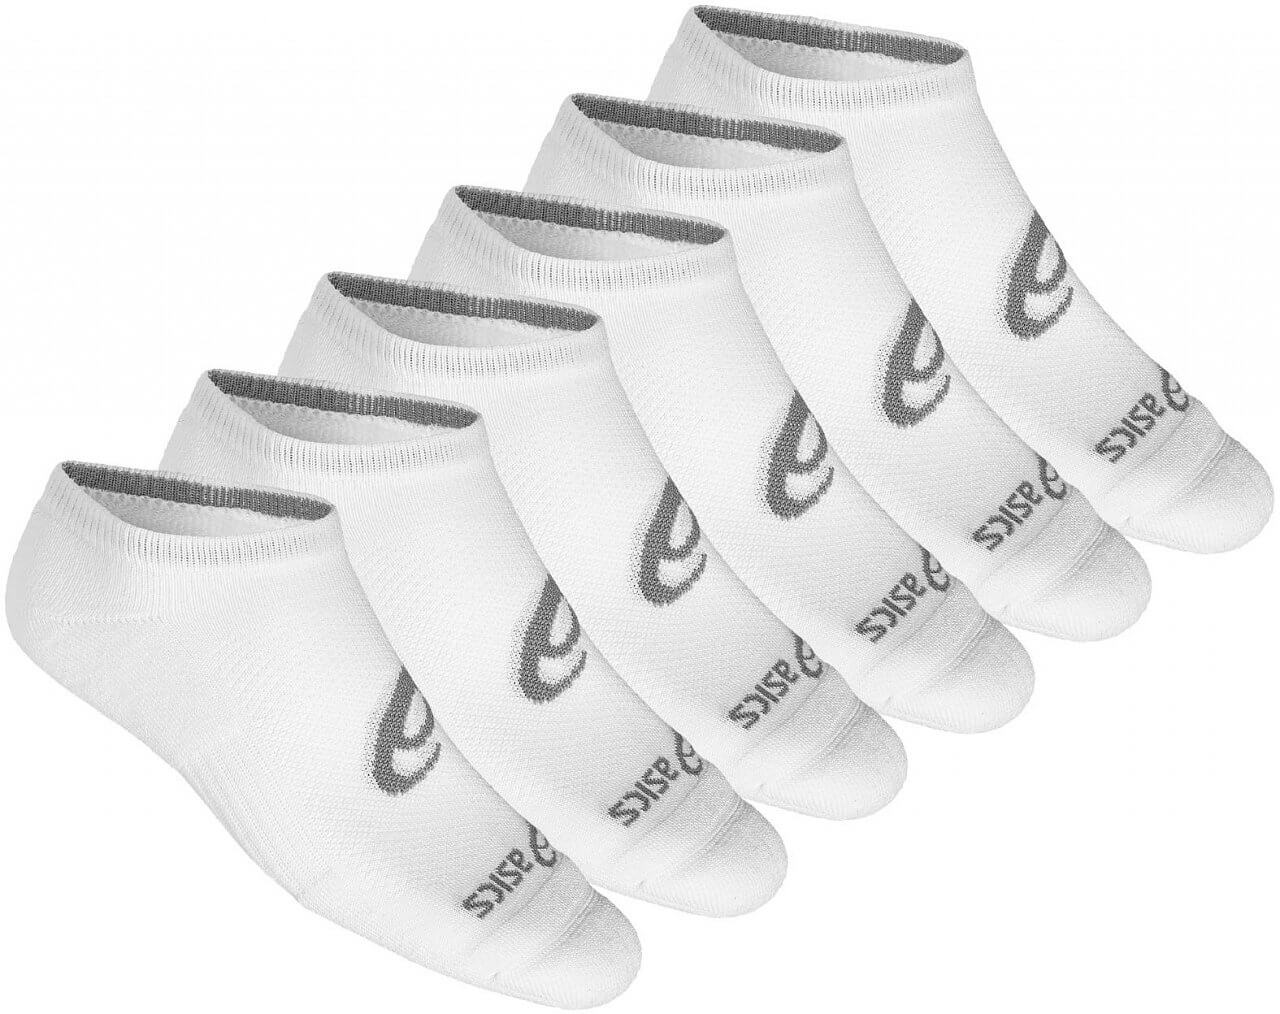 Socken Asics 6PPK Invisible Sock